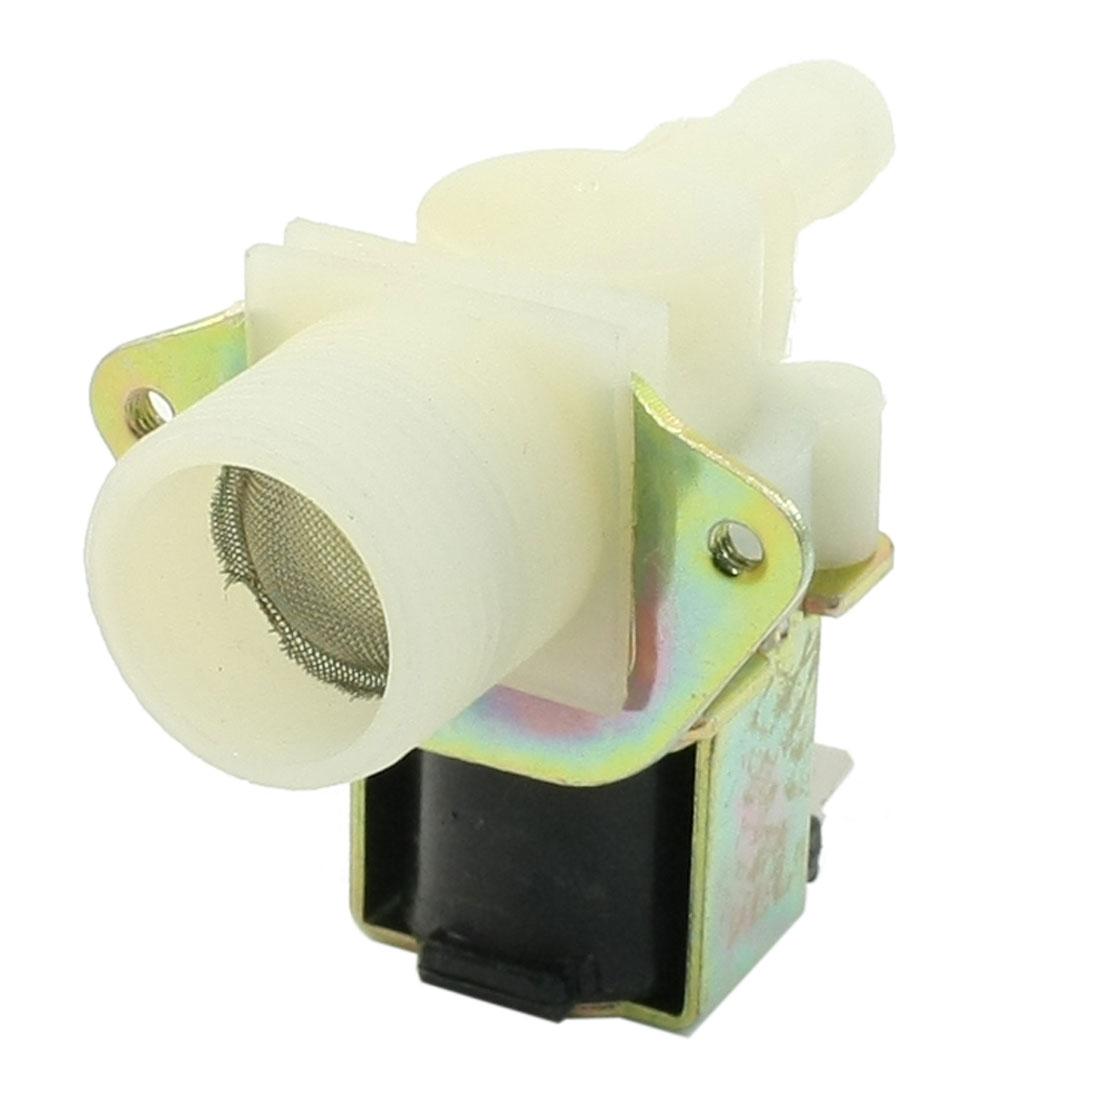 """AC 220V 50Hz 2 Terminals 3/4""""PT Thread Water Inlet Valve for Washing Machine Washer"""